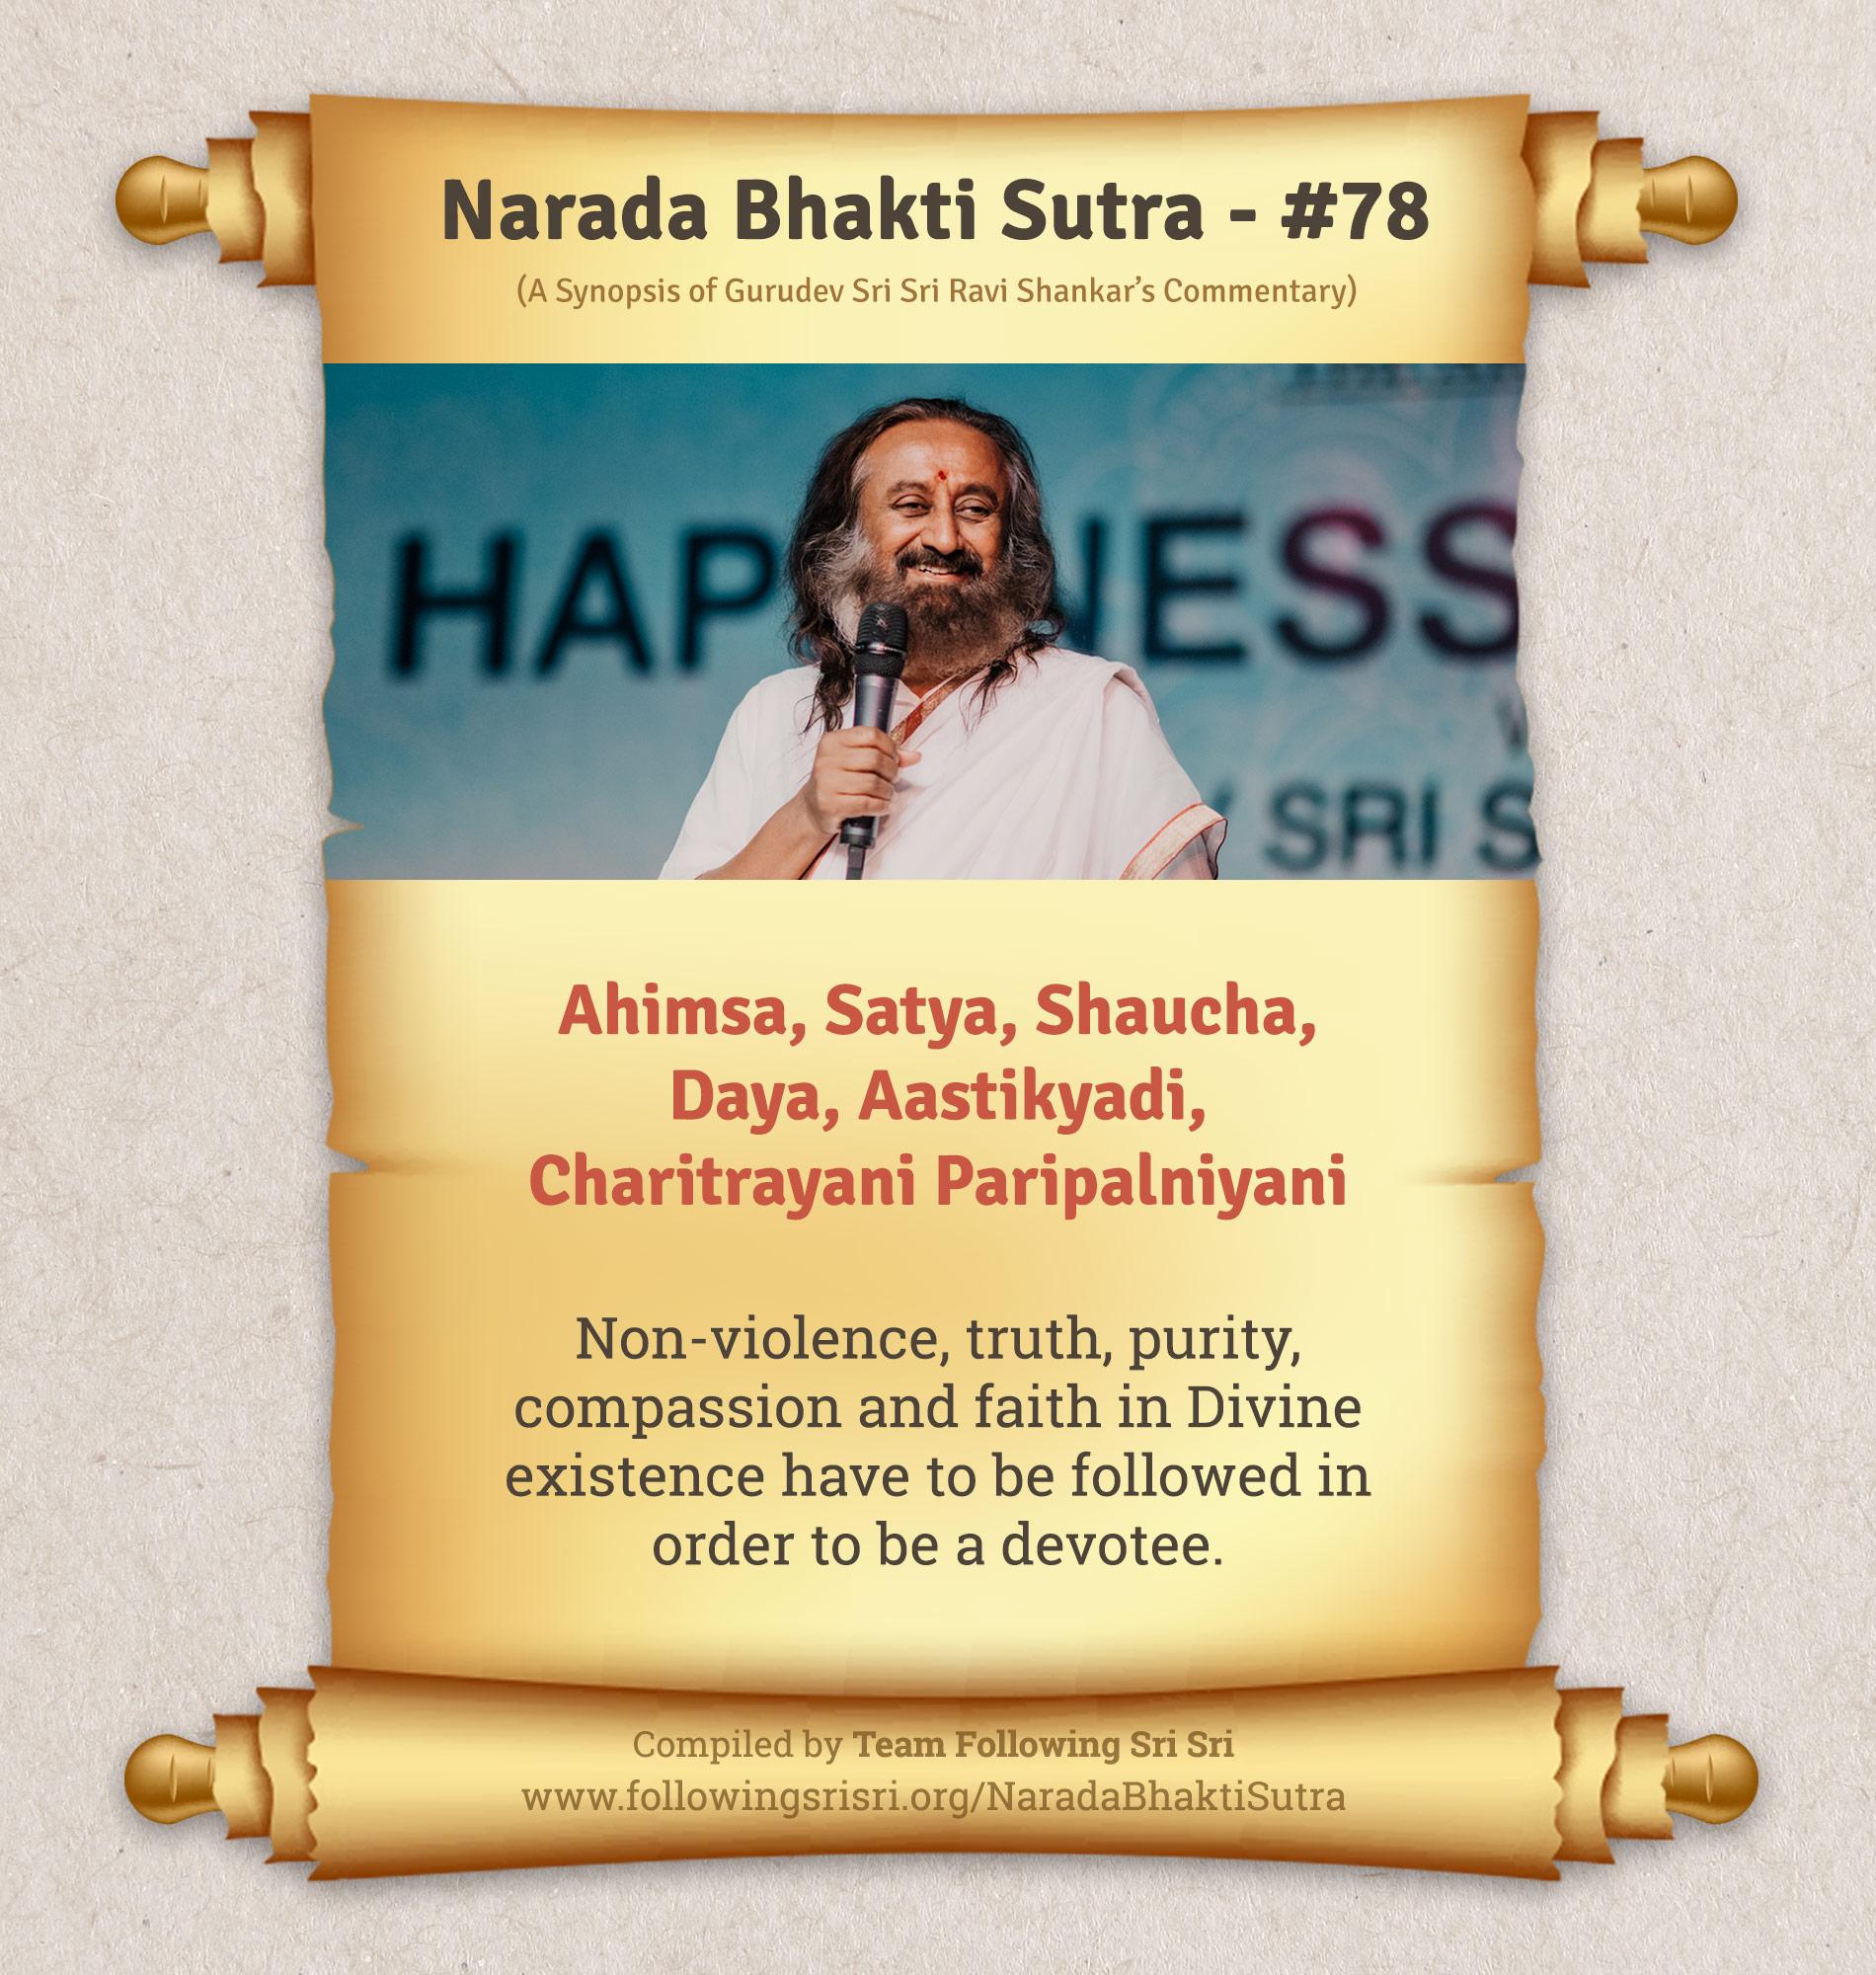 Narada Bhakti Sutras - Sutra 78